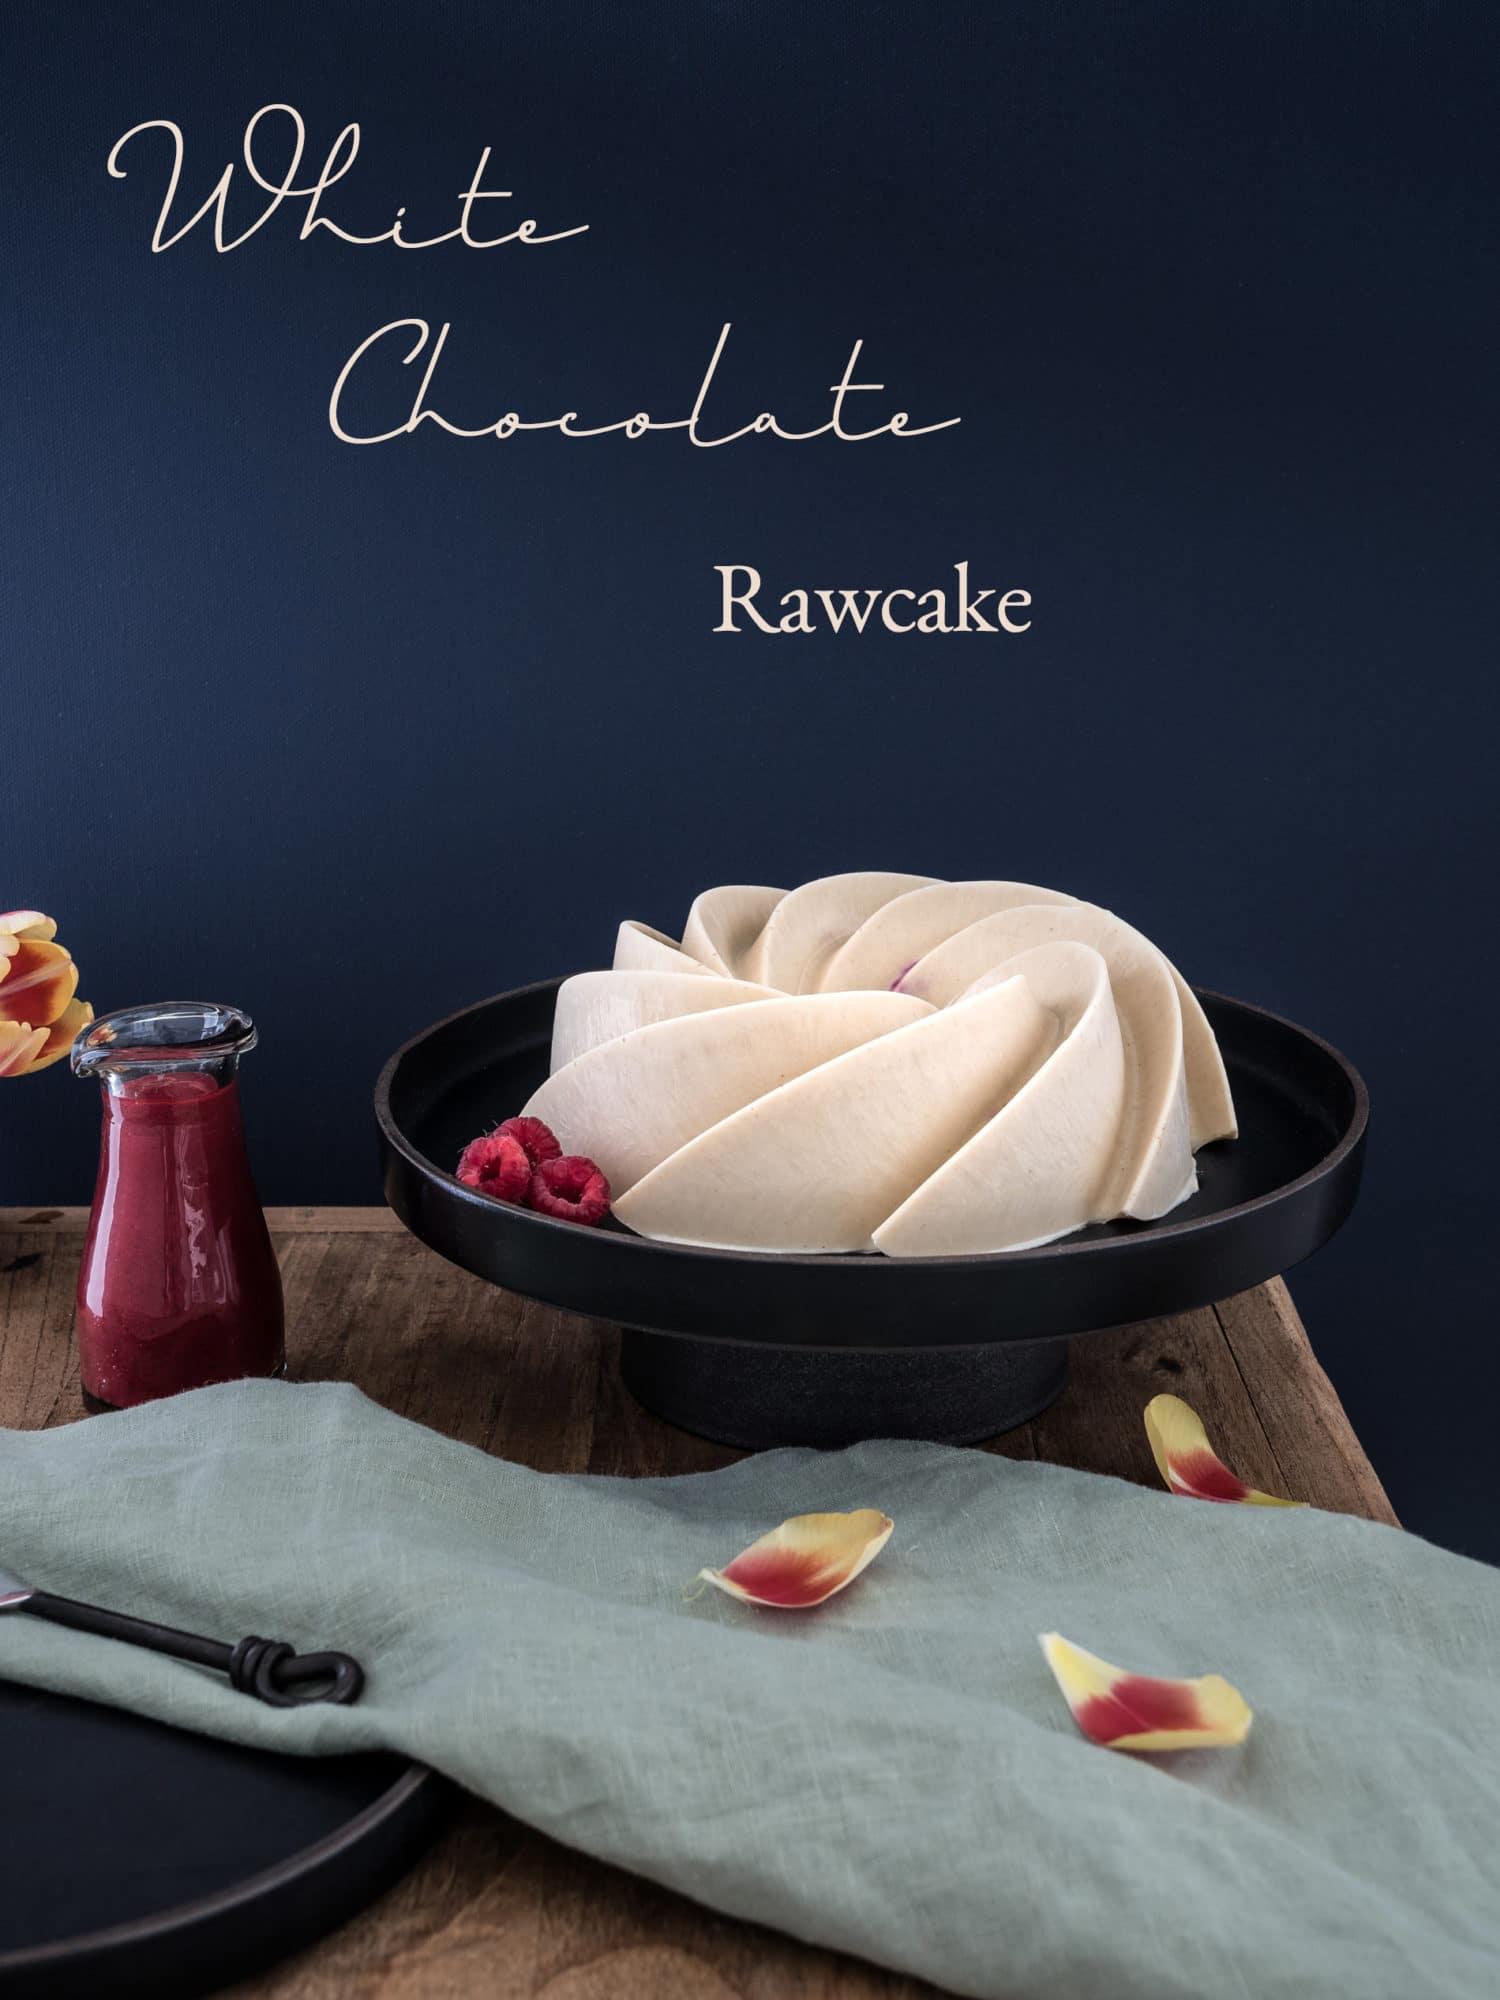 White Chocolate Rawcake